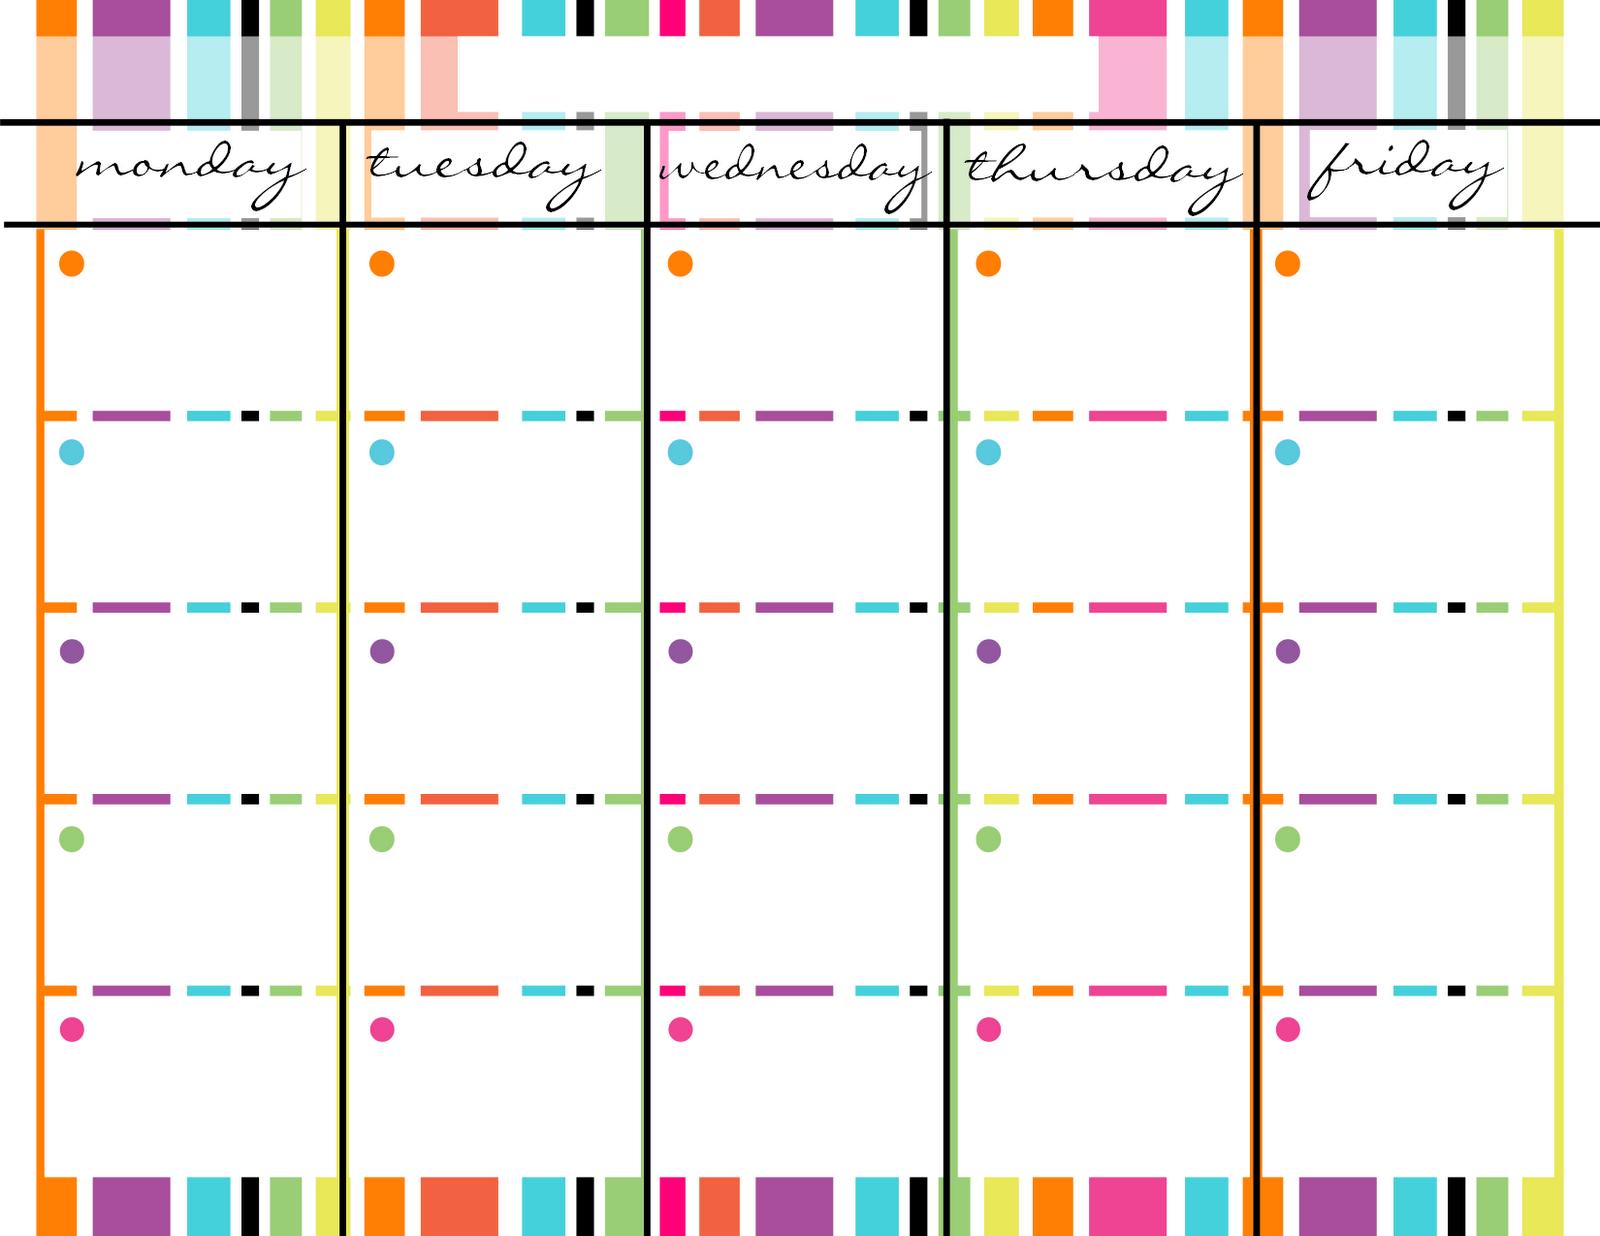 Blank Monday Through Friday Printable Calendar | Calendar Free Printable Monday-Friday Calendar